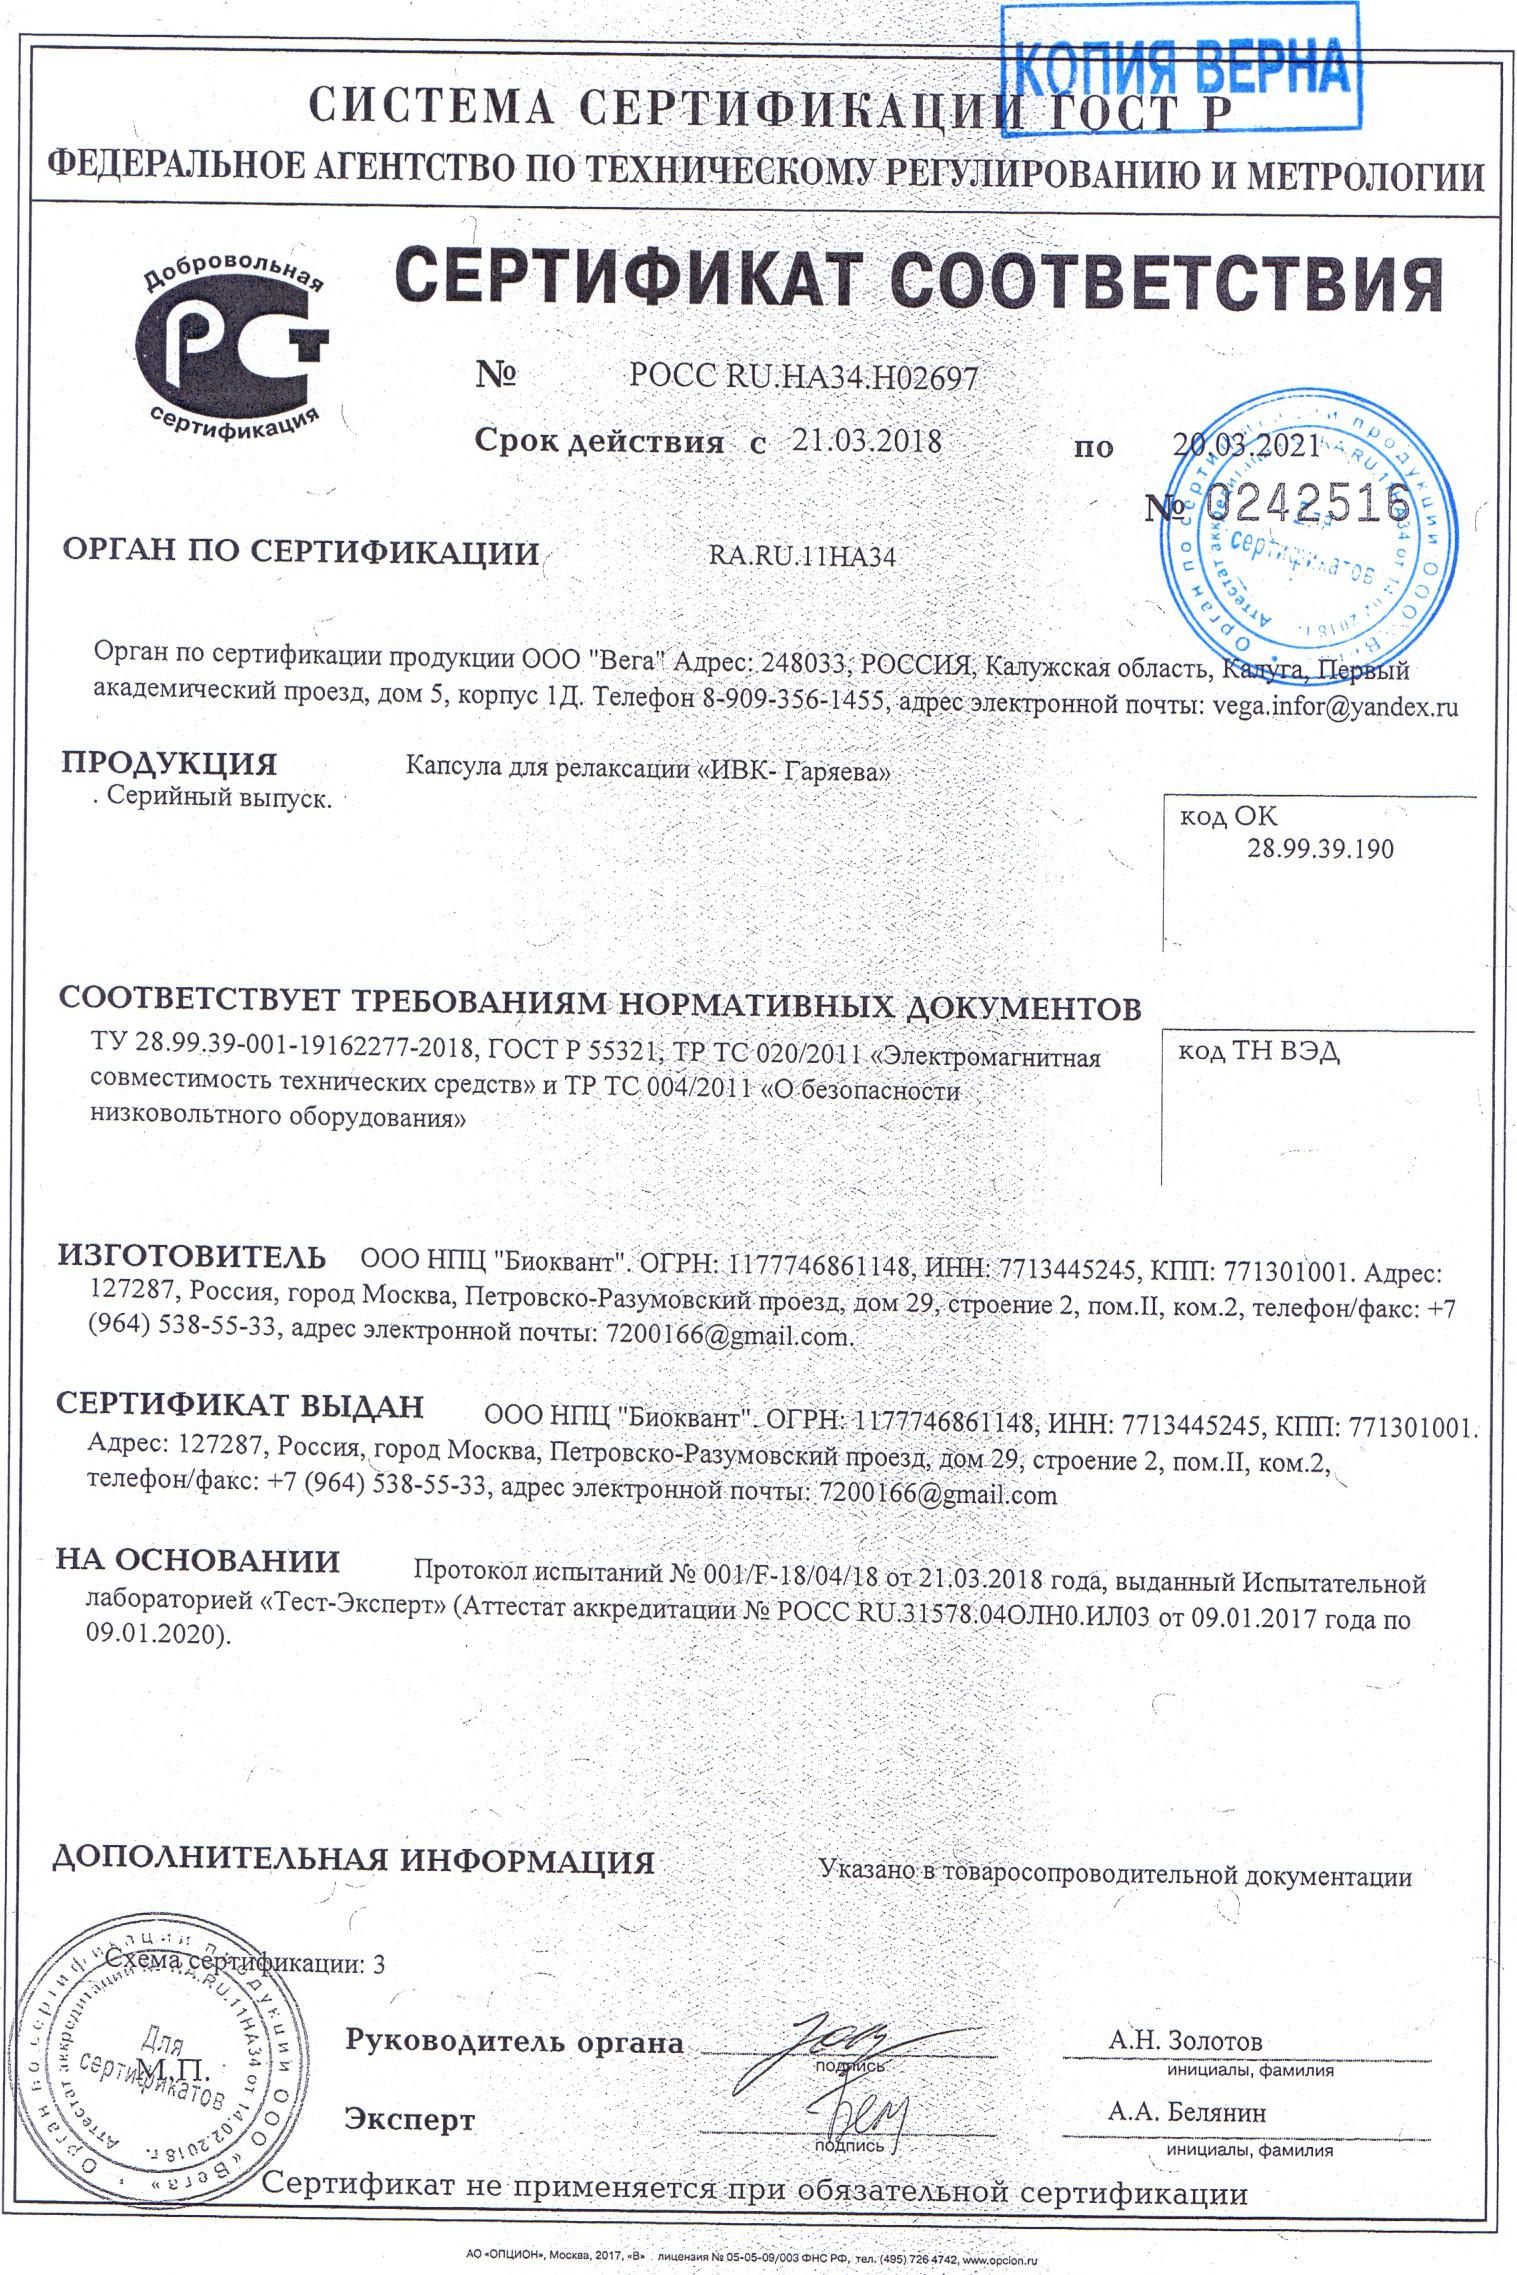 Сертификат на капсулу